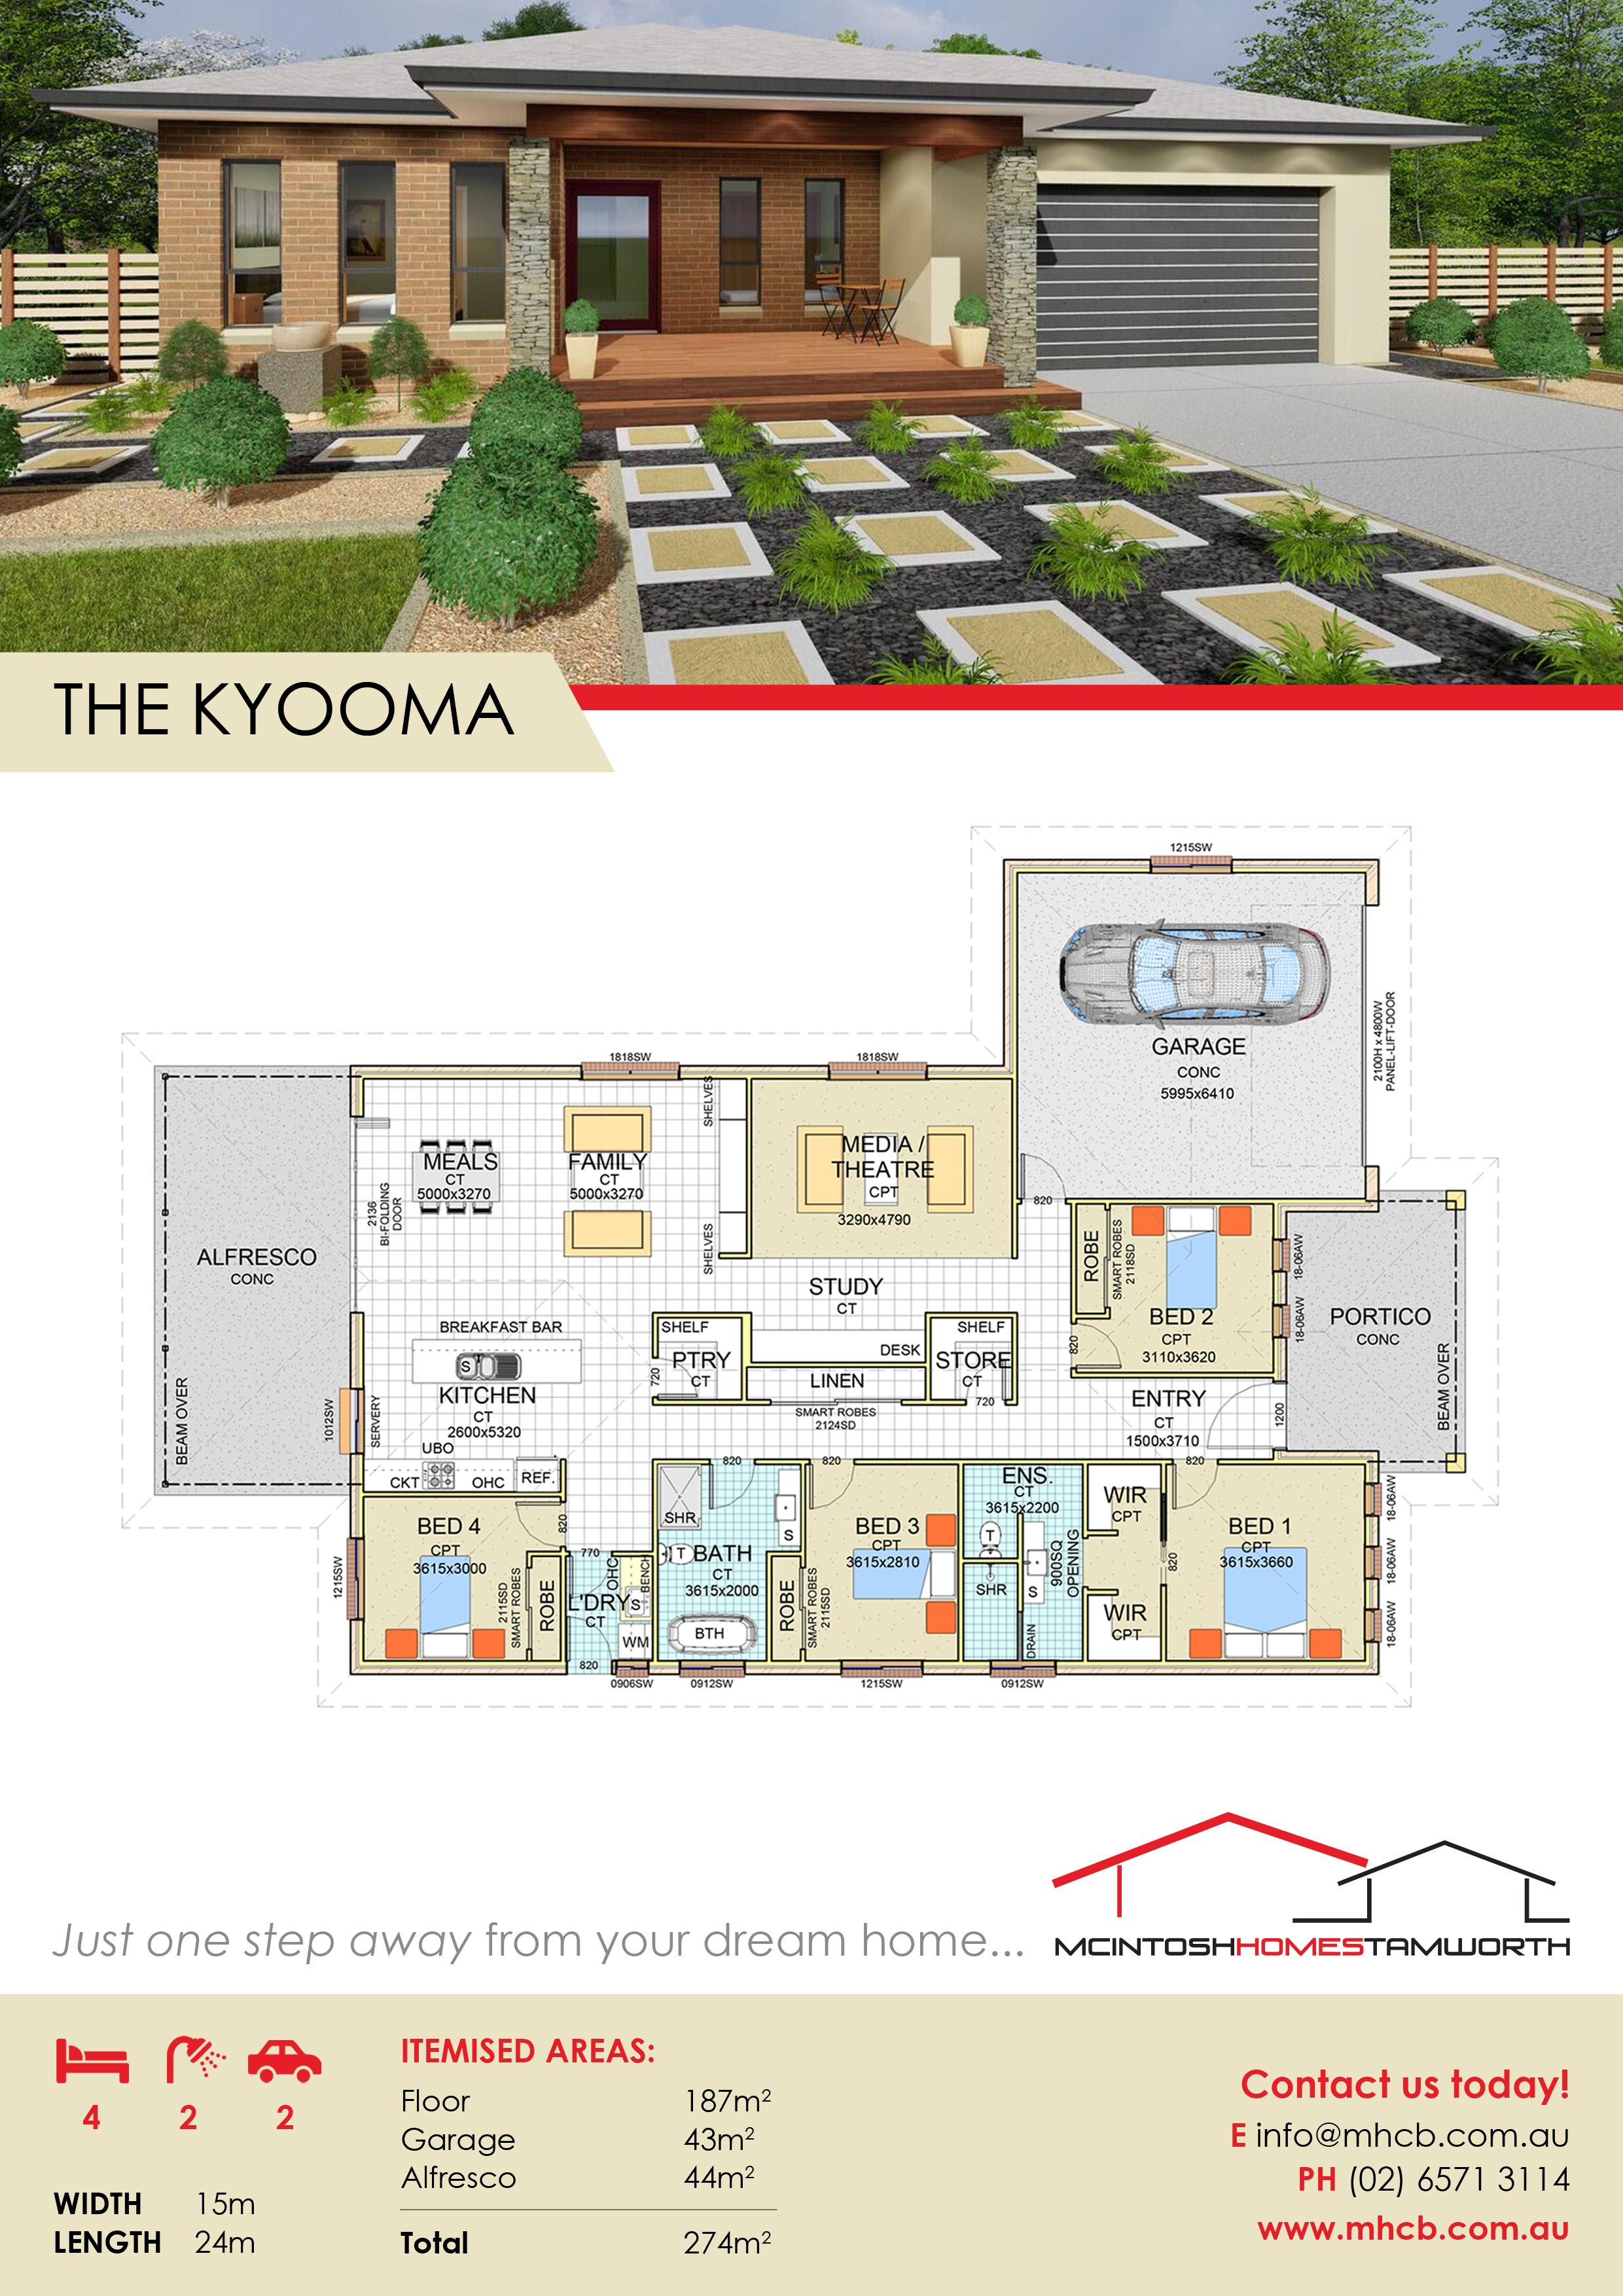 Kyooma_Brochure